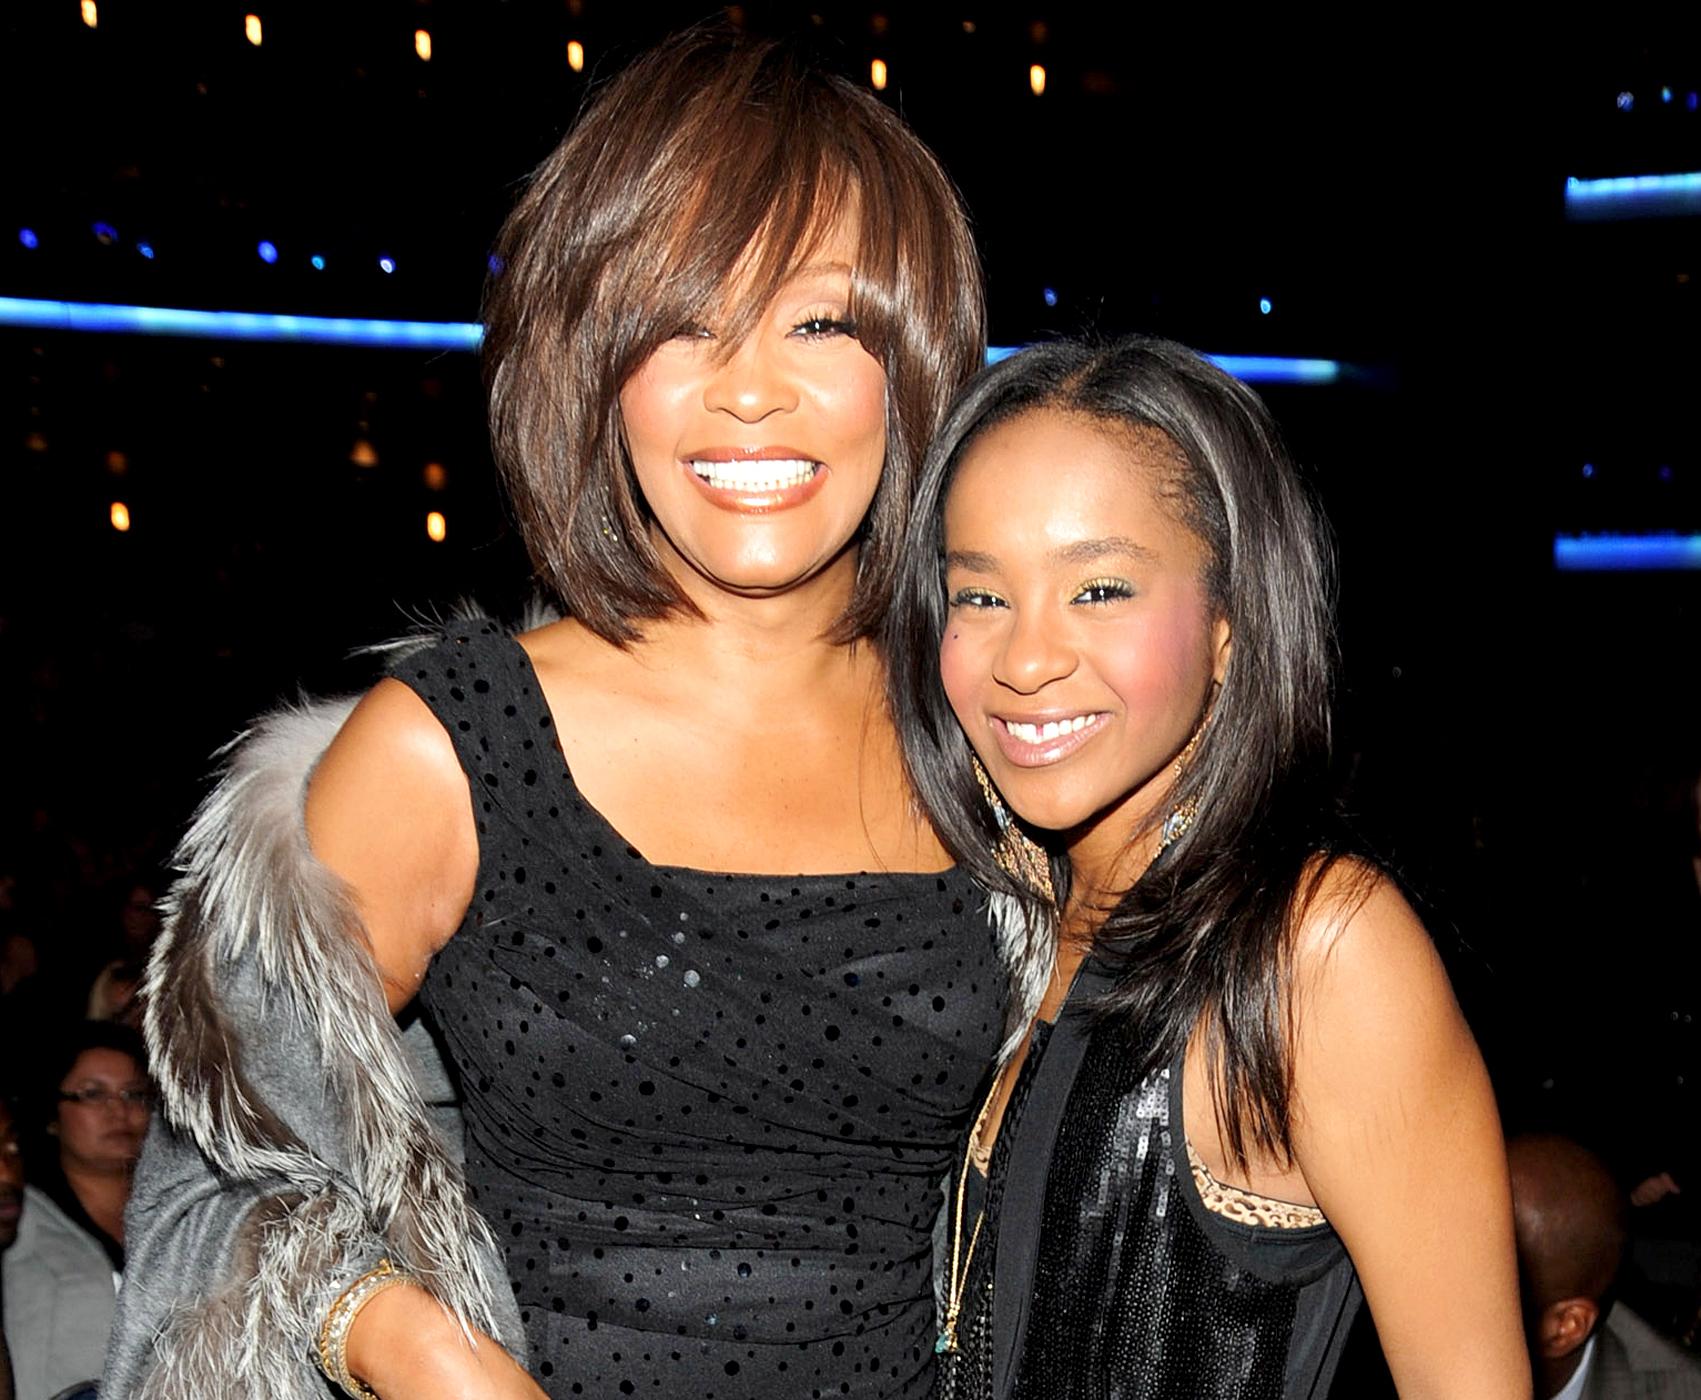 Zemřela Bobbi Kristina Brown, dcera Whitney Houston. Bylo jí jen 22 let